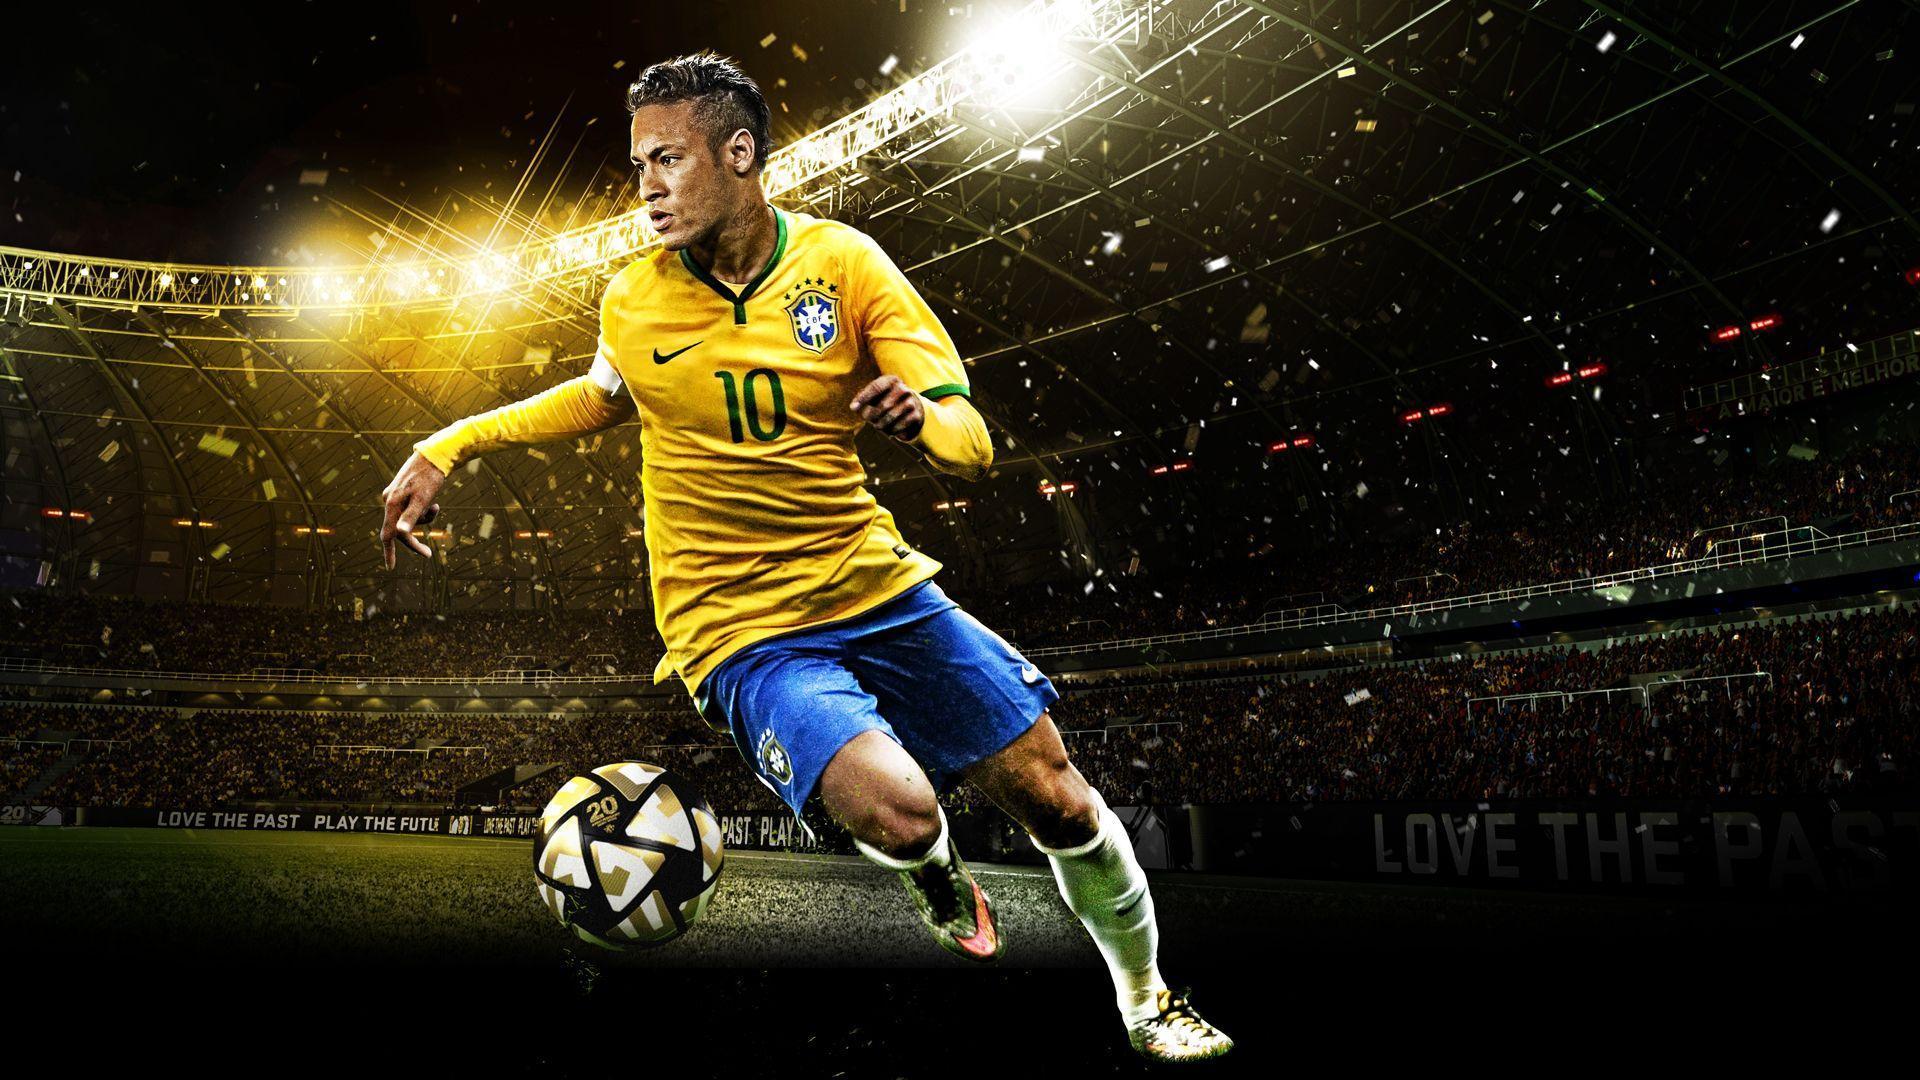 pro evolution soccer 2011 download pc